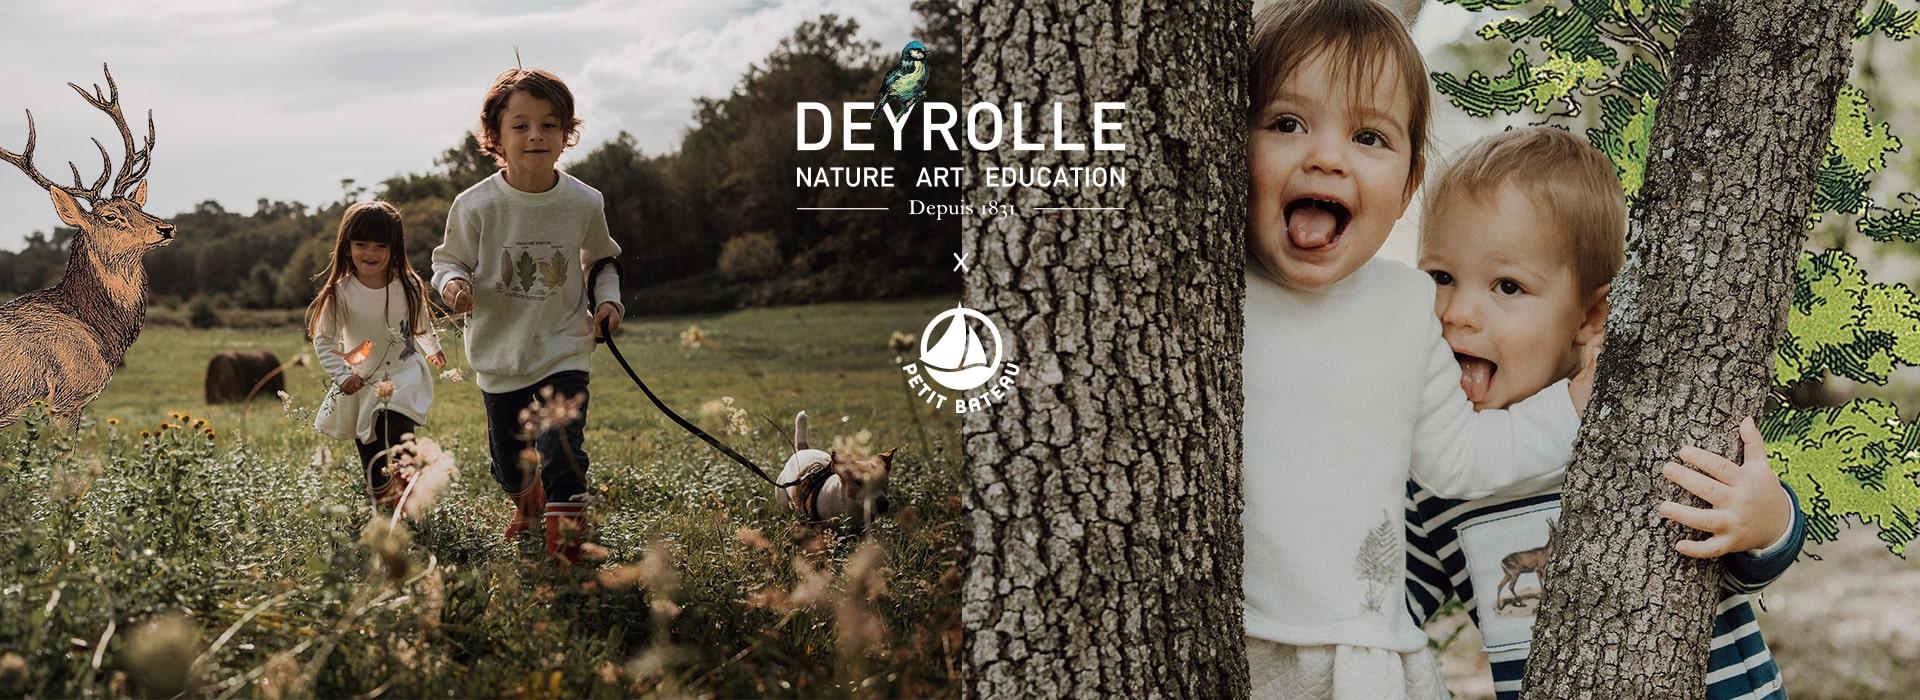 DEYROLLE_SWIPER_DESKTOP (1)-min